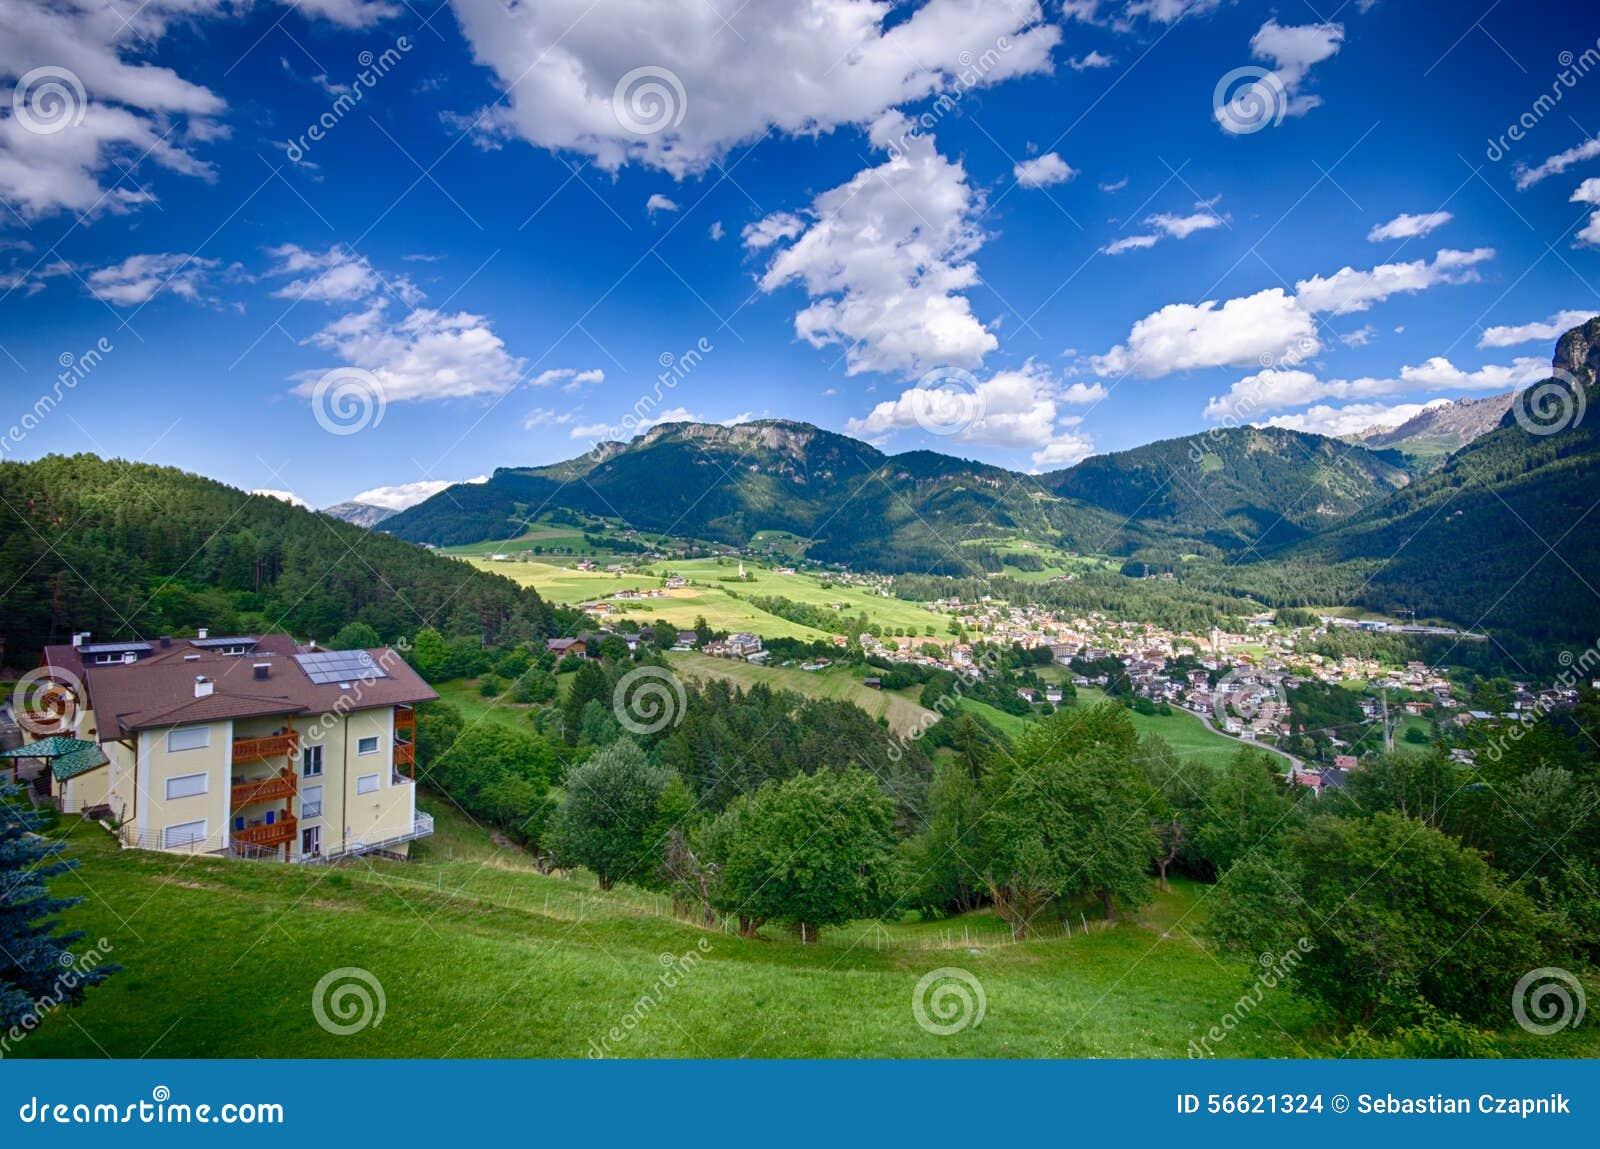 Alpes italiens paysage de ville d 39 alpe di siusi photo for Paysage de ville